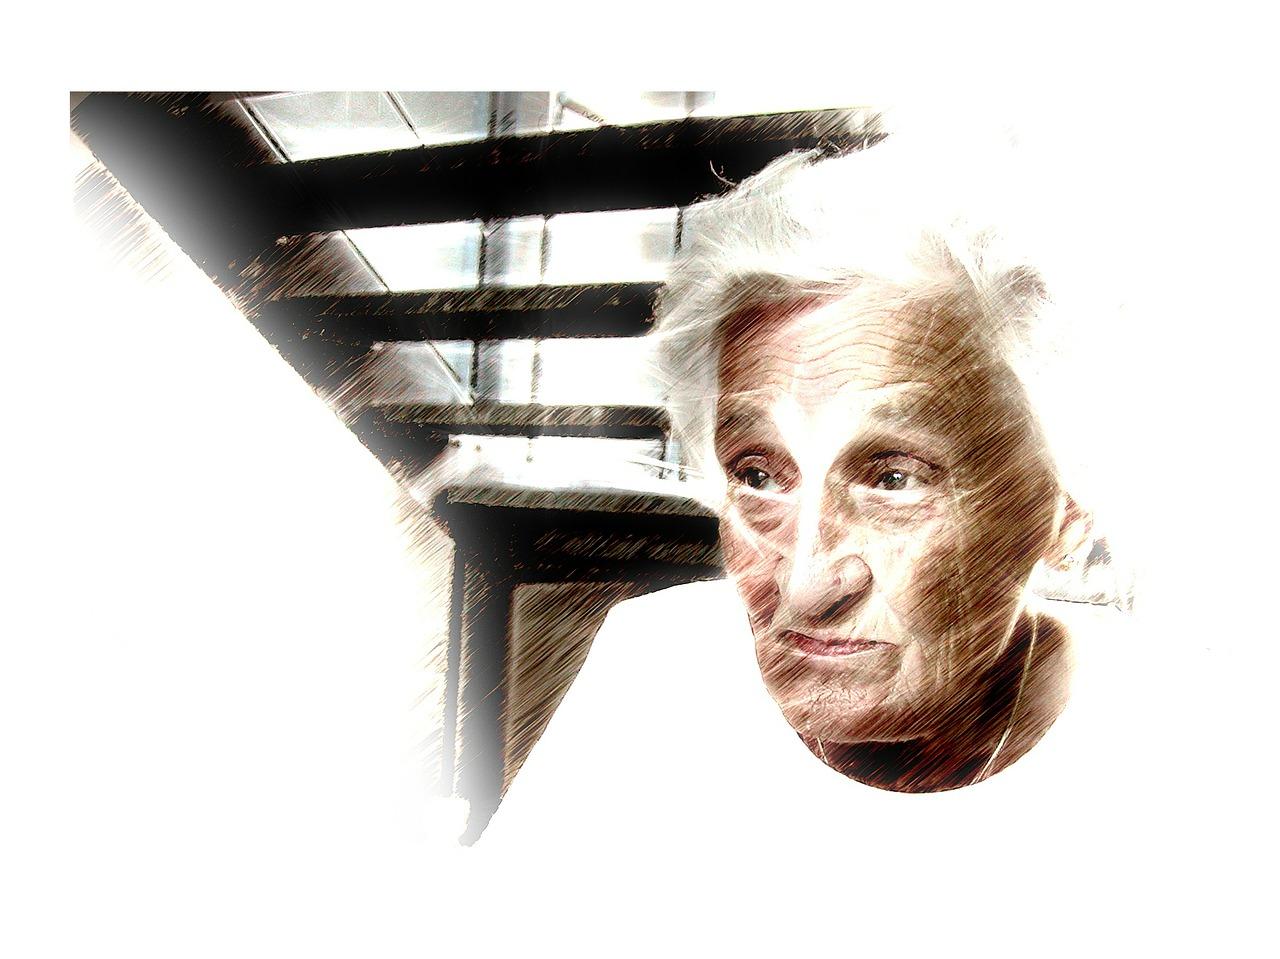 Γερμανία: Προσοχή, νέο κόλπο επίδοξων απατεώνων – Στο στόχαστρο κυρίως ηλικιωμένοι